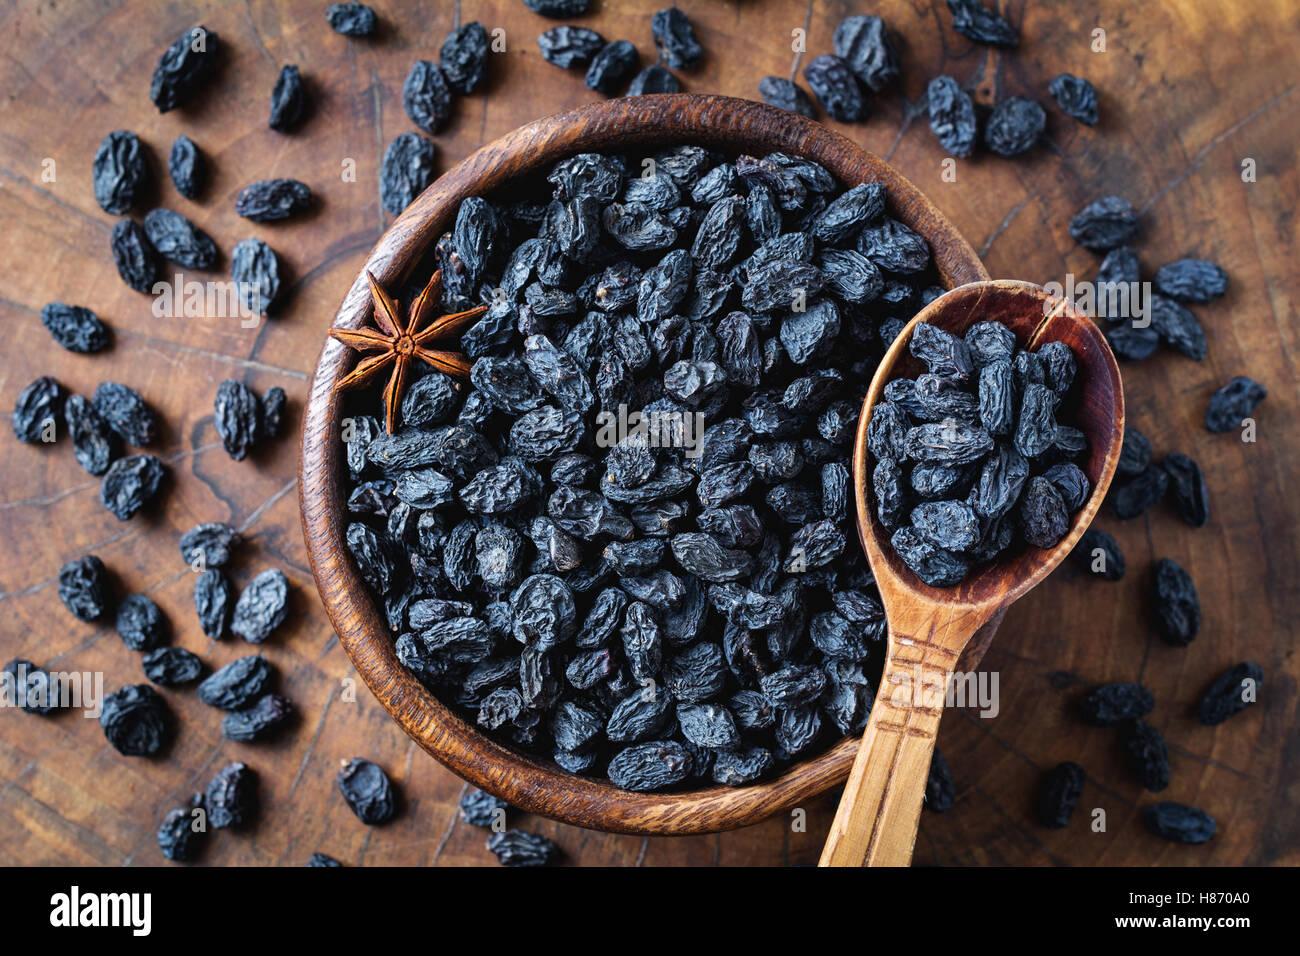 Raisins noirs bol en bois, en vue d'en haut. Produit diététique, de collations santé pour bien Photo Stock